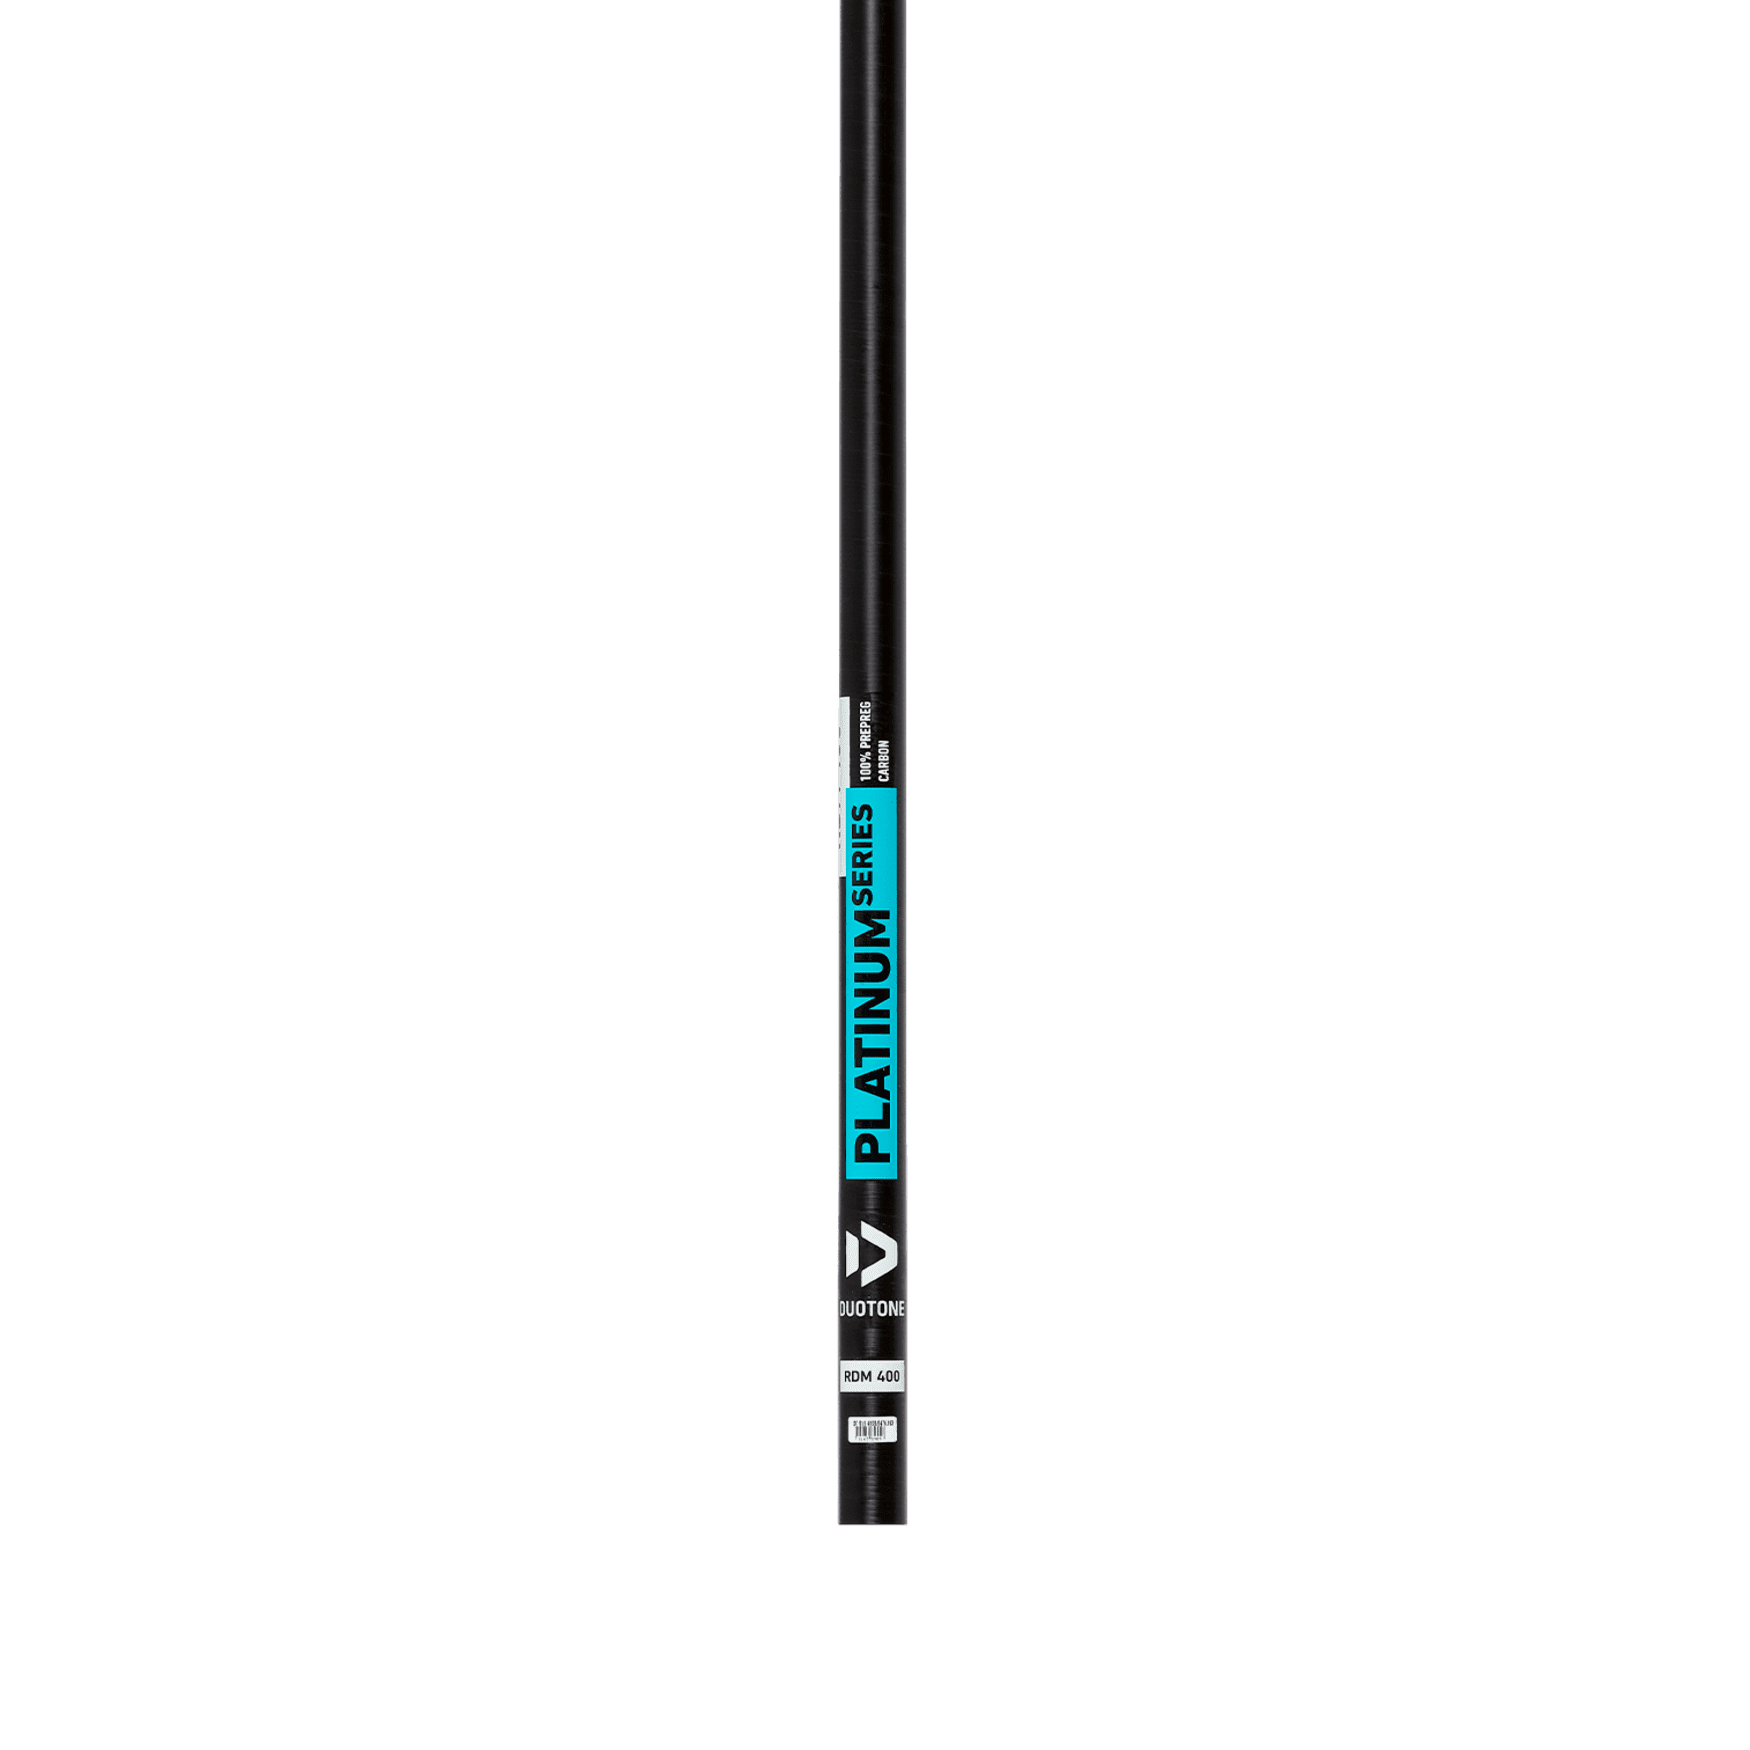 Duotone Platinum 100% RDM Aero 3.0 mast